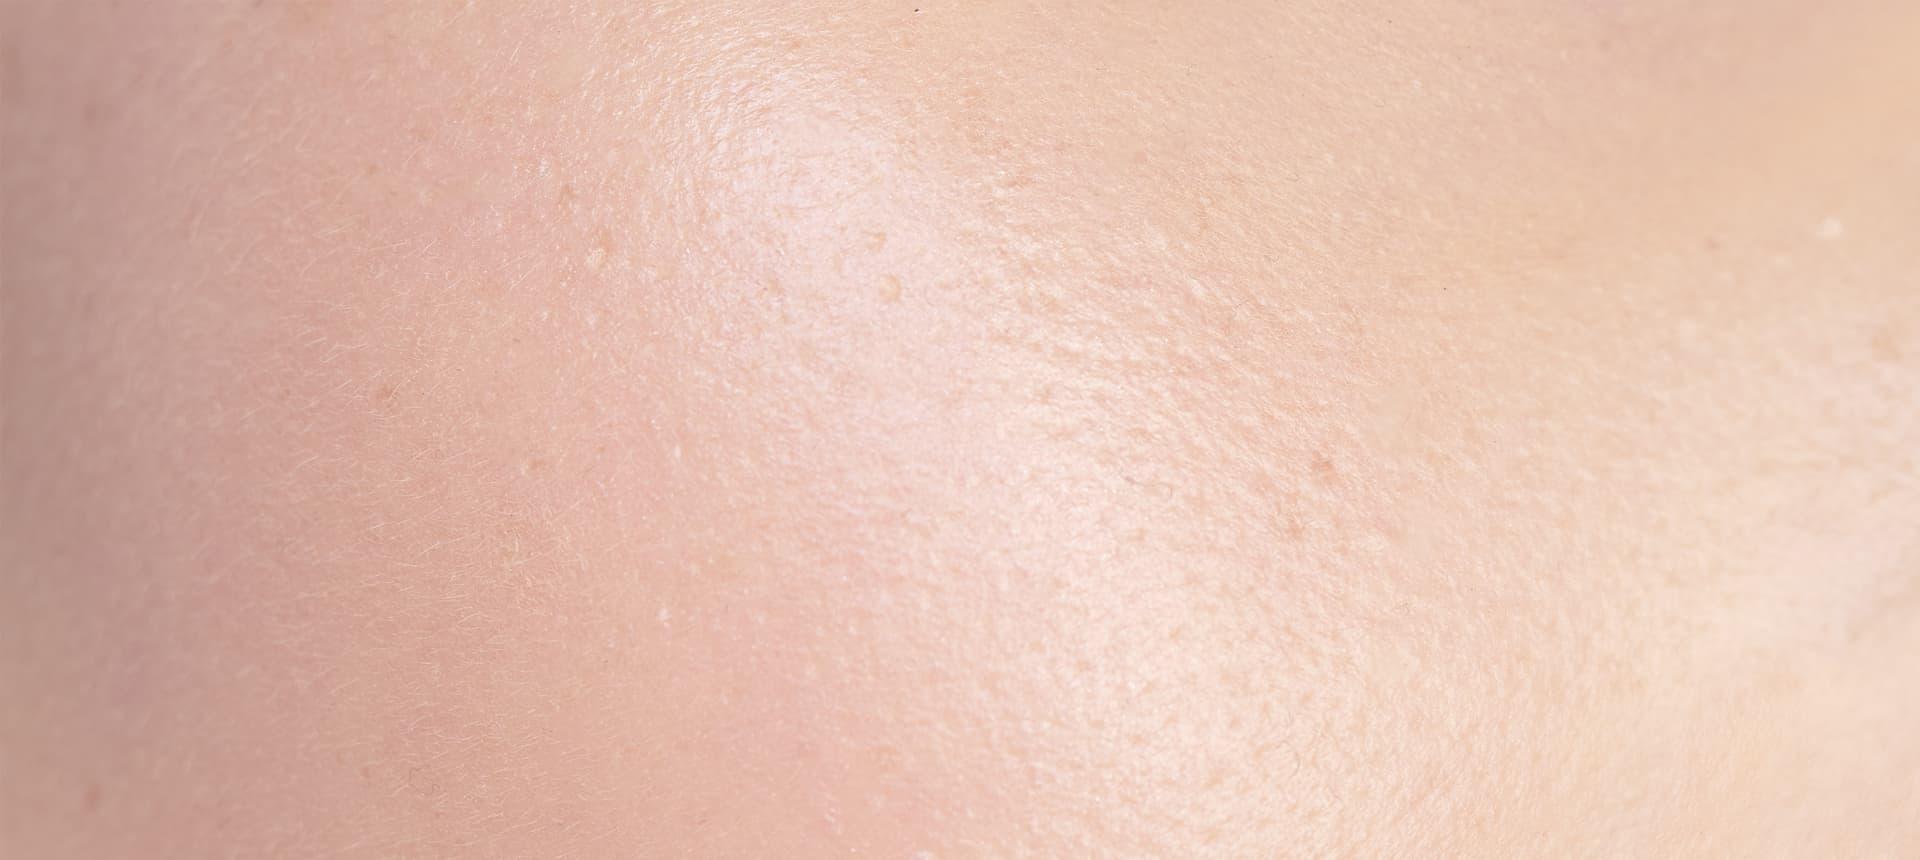 Impactos del exposoma:Los efectos sobre la piel